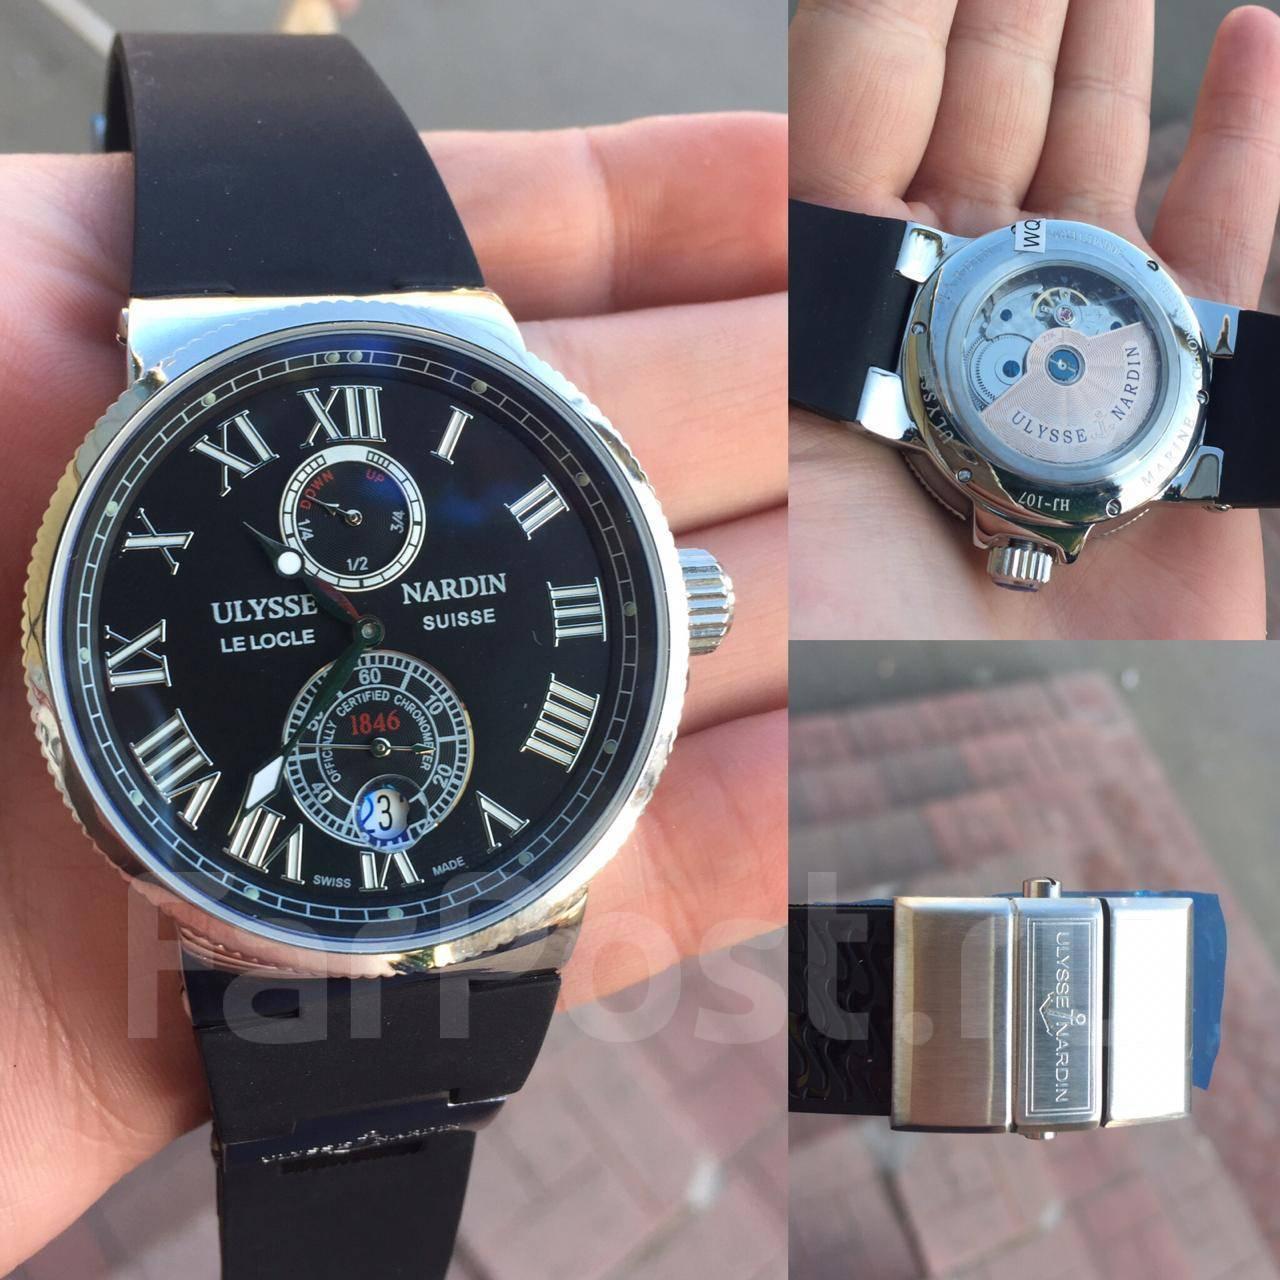 Купить часы с автоподзаводом. Мужские и женские! dda6b83c32f